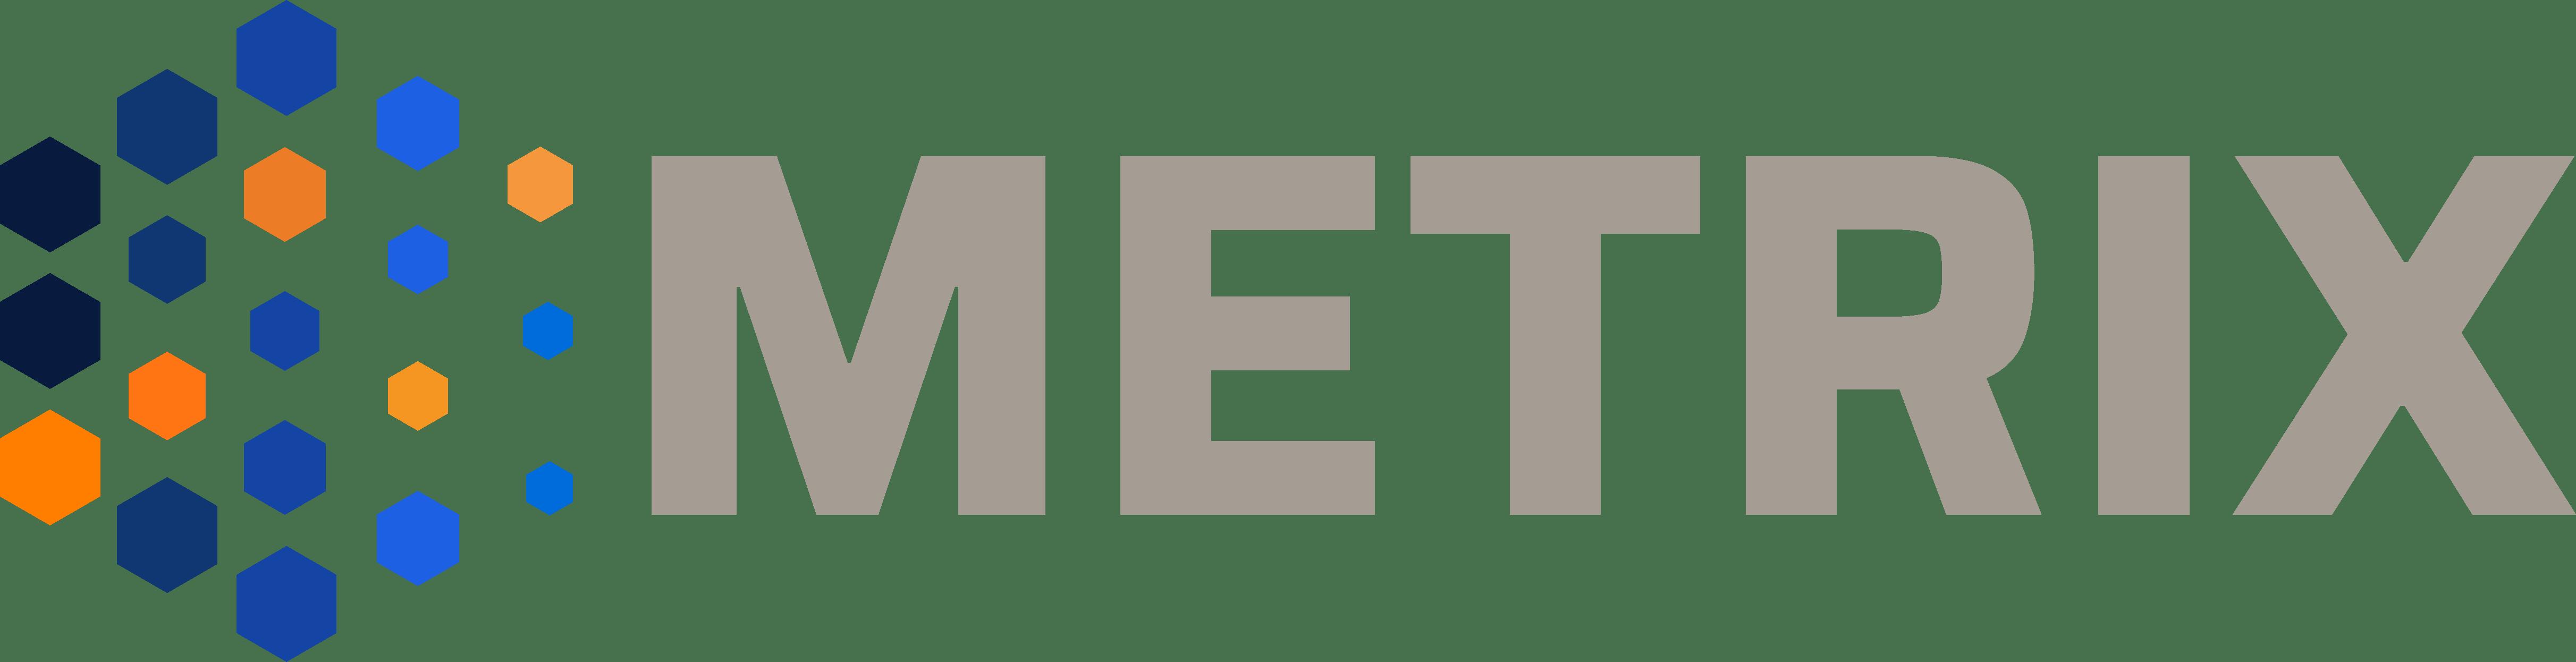 Metrix_Logo_300dpi